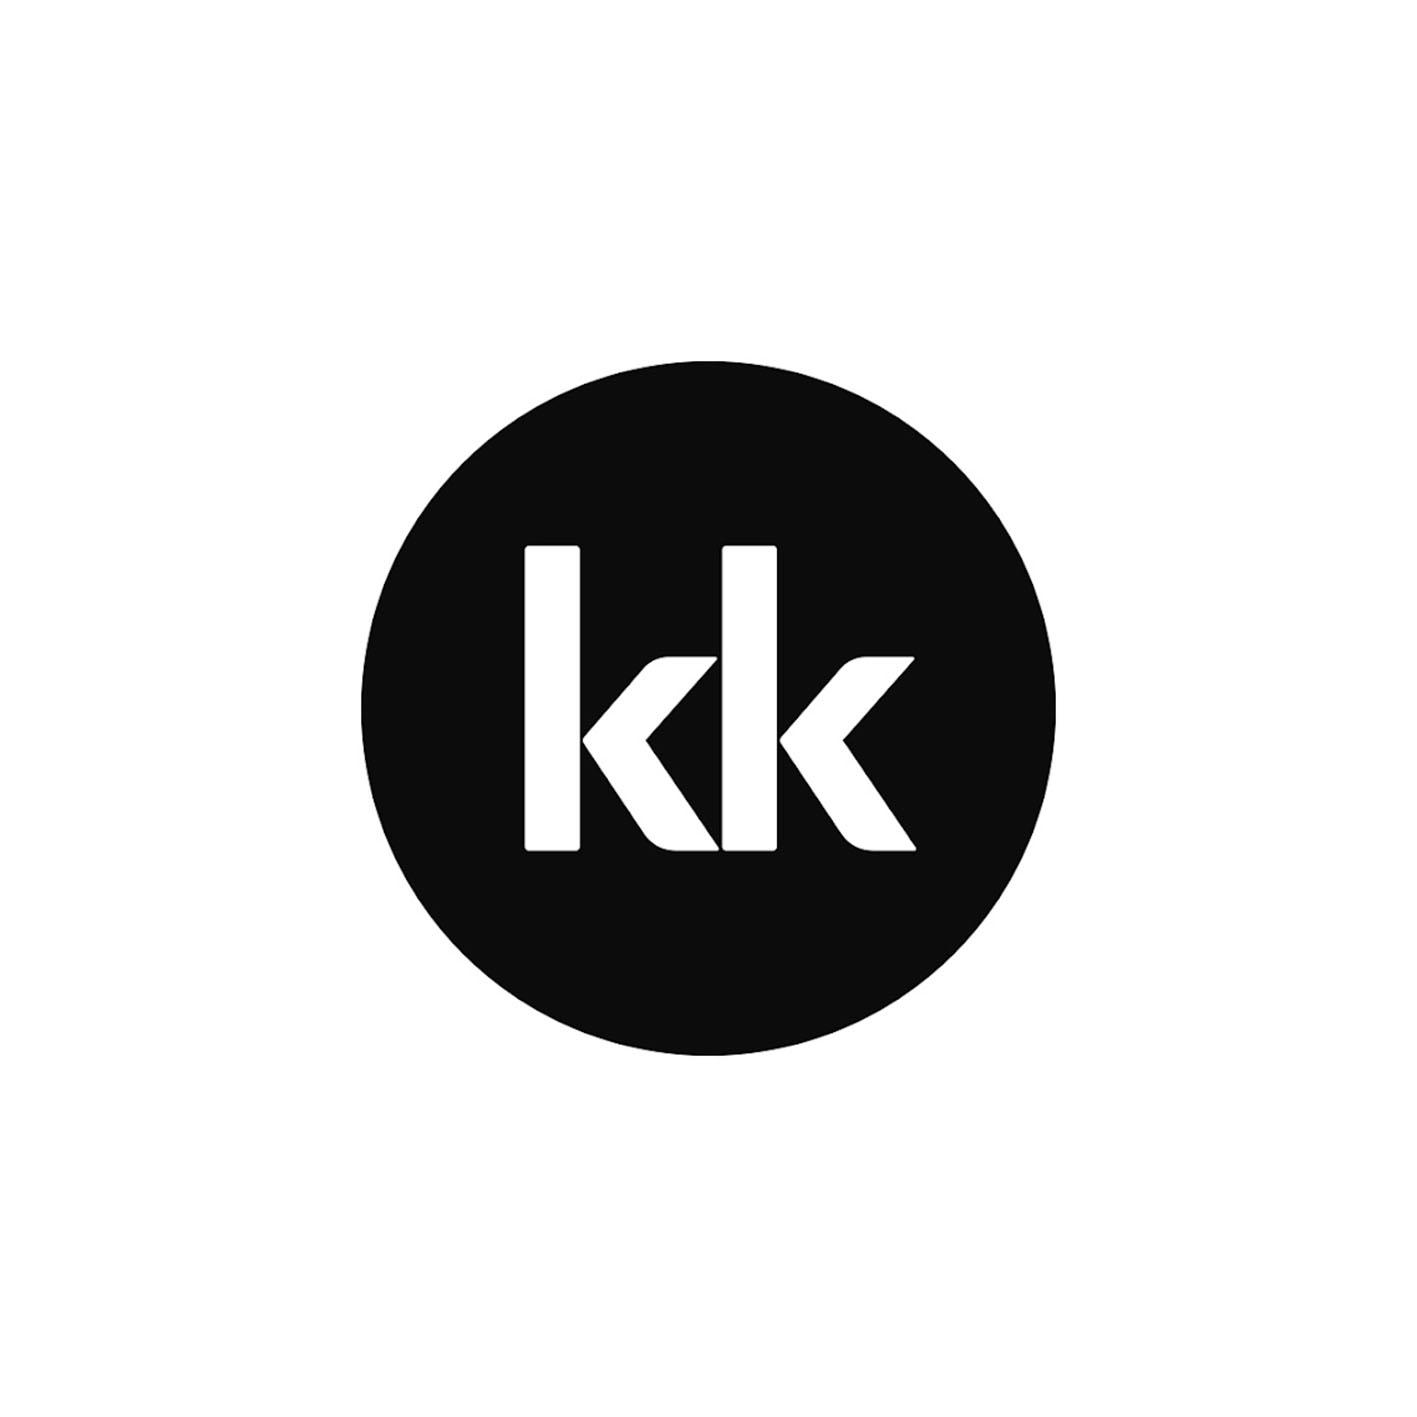 KK mote magasin fra Norge